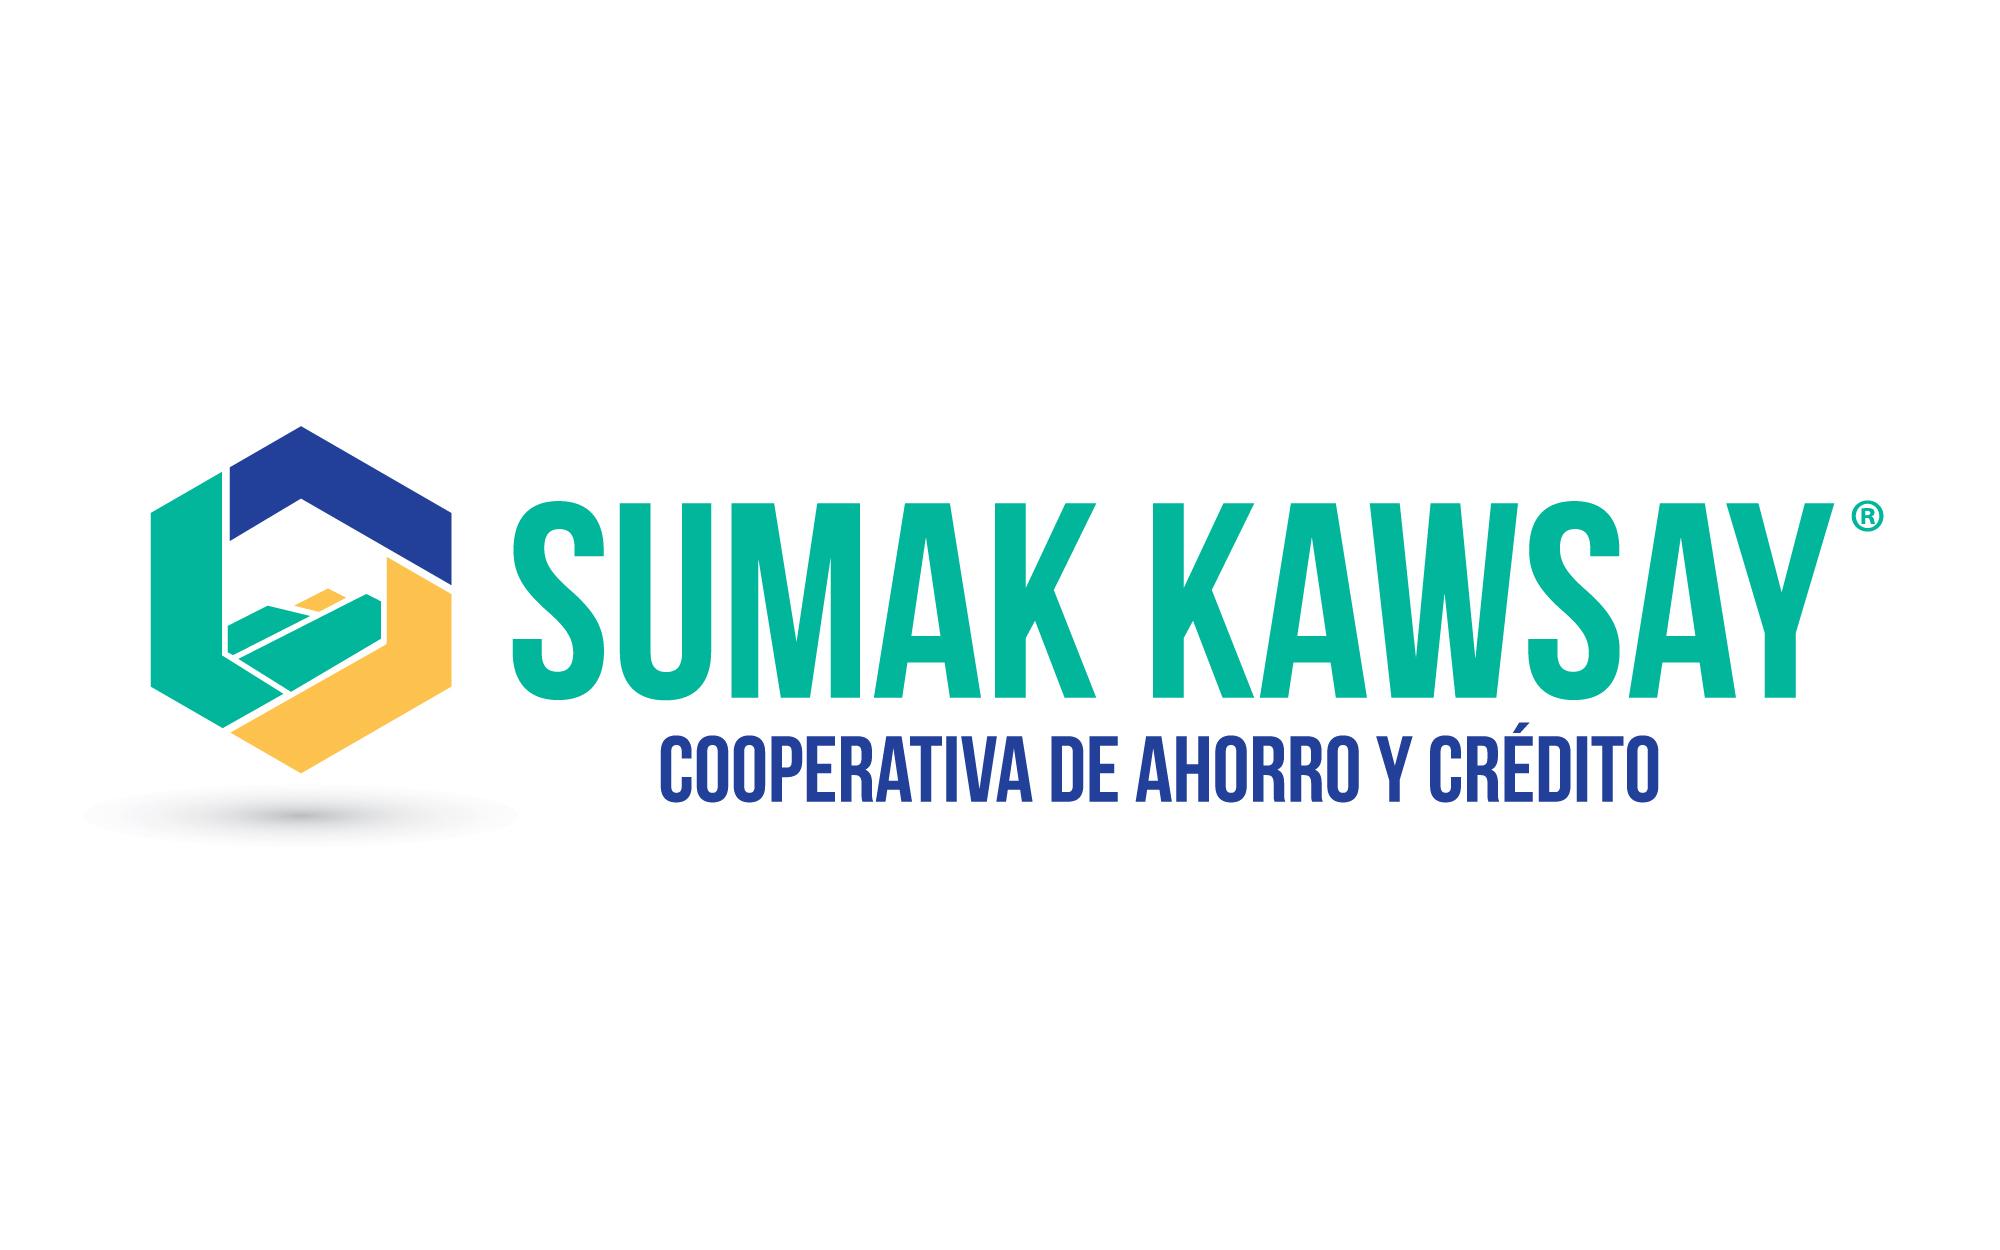 Sumak Kawsay